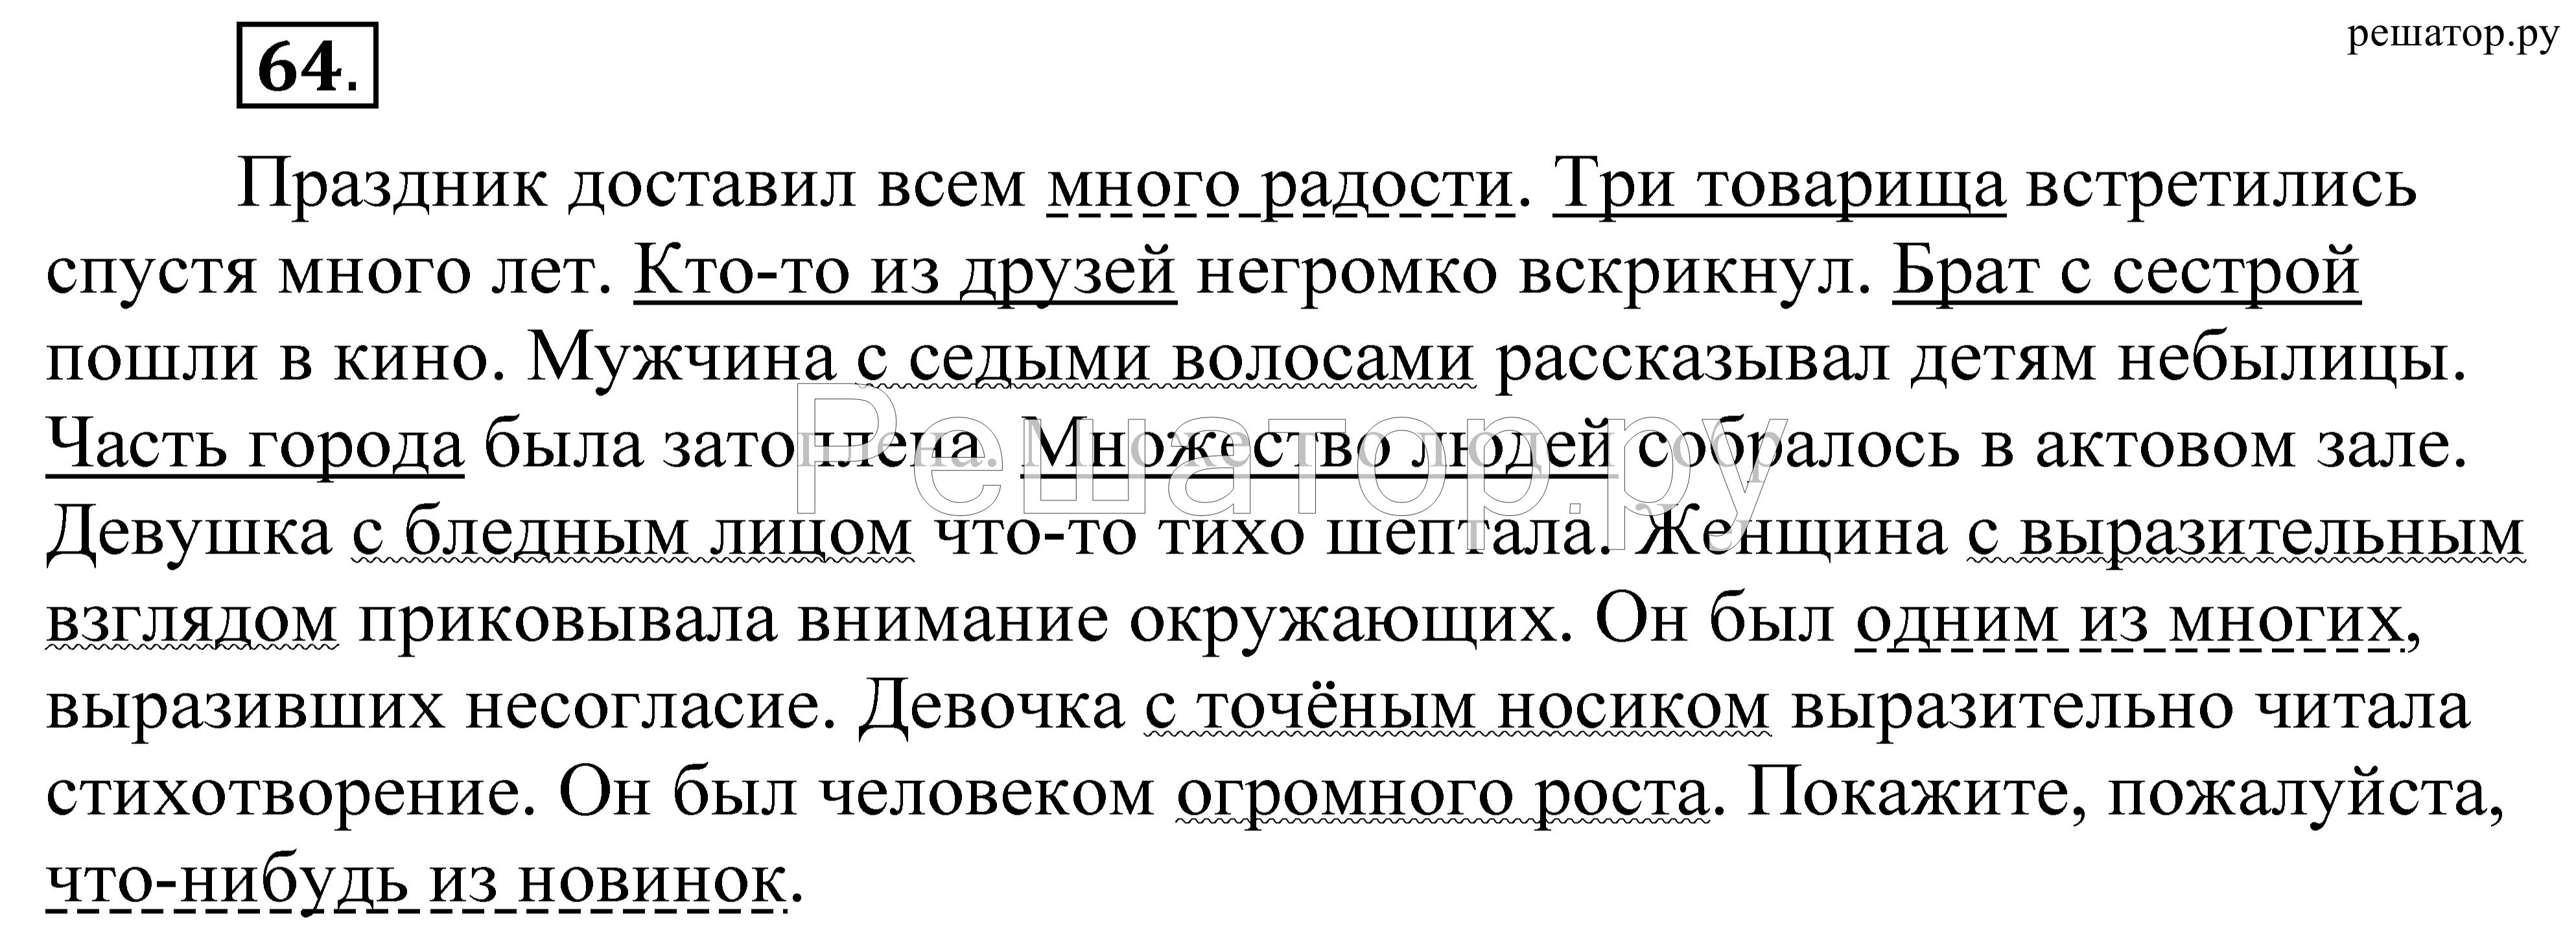 Руссий язык 8 класс пичугов гдз